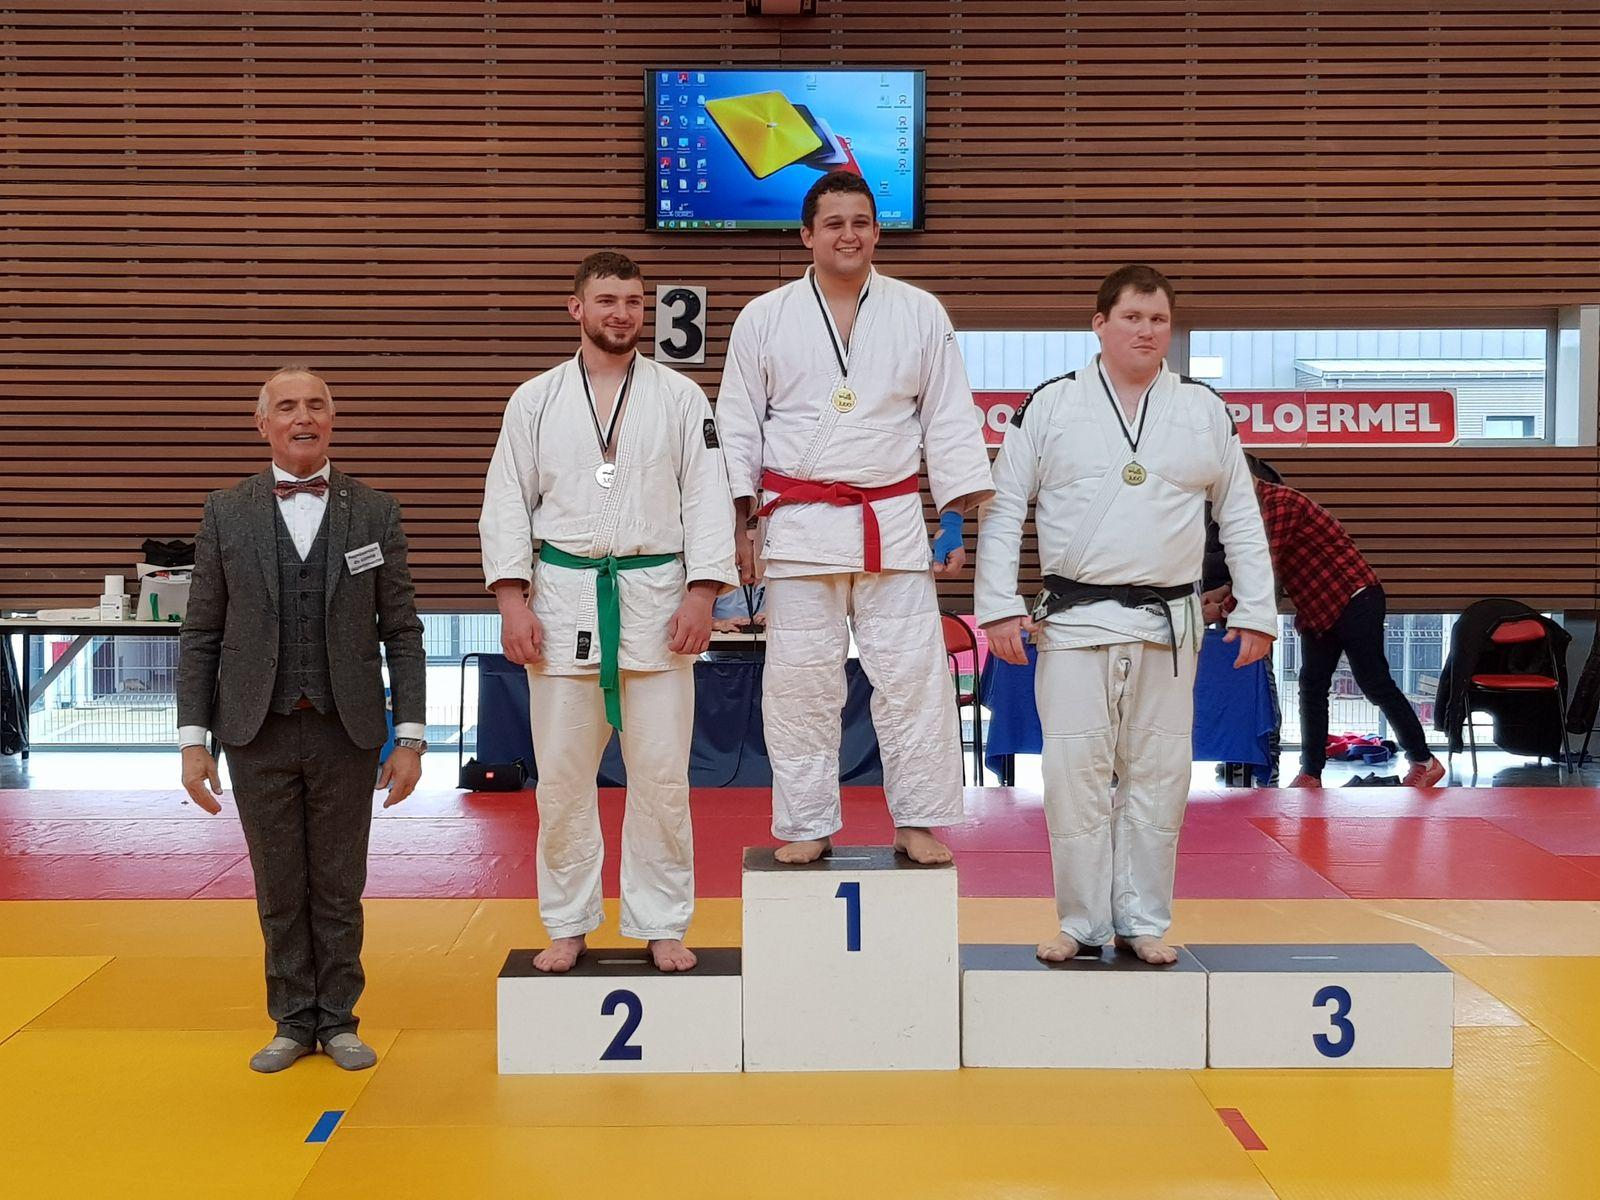 Quatre Kumosiens gagnent les demi-finales de Jujitsu